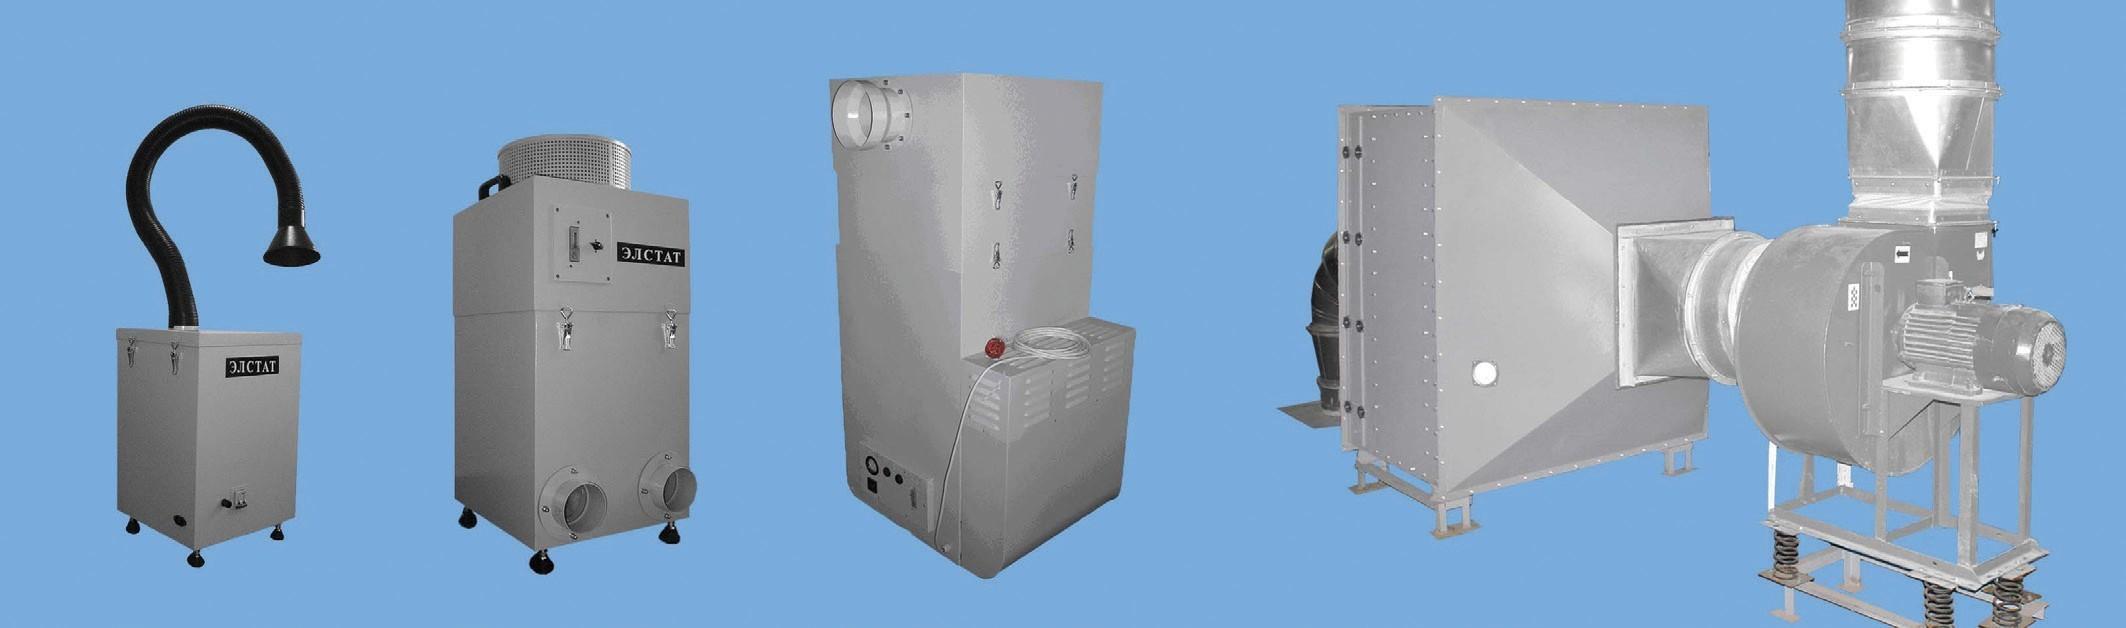 Фильтры-дымоуловители ФПЛ-ЭЛСТАТ – для очистки воздуха при пайке и лужении (пайке при помощи электроинструмента, паяльных ламп; пайке «волной», пайке в печи; газопламенной, ультразвуковой, электроннолучевой, индукционной, лазерной пайке; погружением в ванну). Со сменными фильтрующими кассетами-картриджами, с пультом управления, измерительными приборами, системой сигнализации. Передвижные и стационарные.